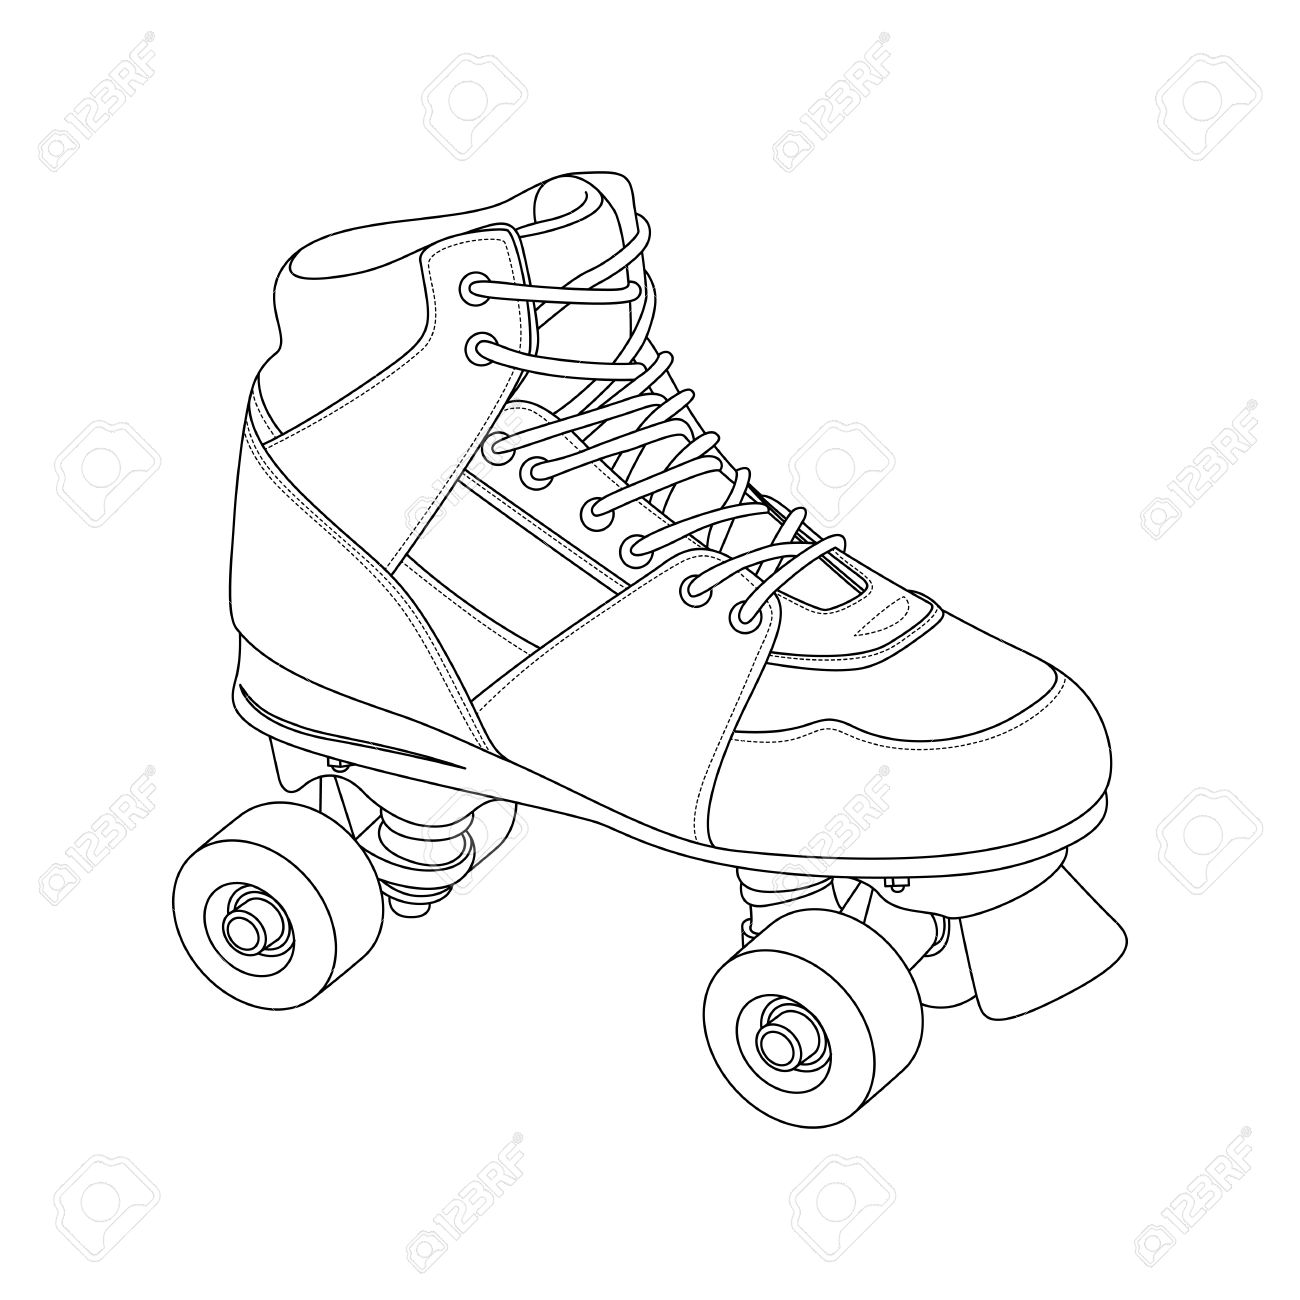 Roller skates book - Roller Skates Outline Roller Skate On White Background